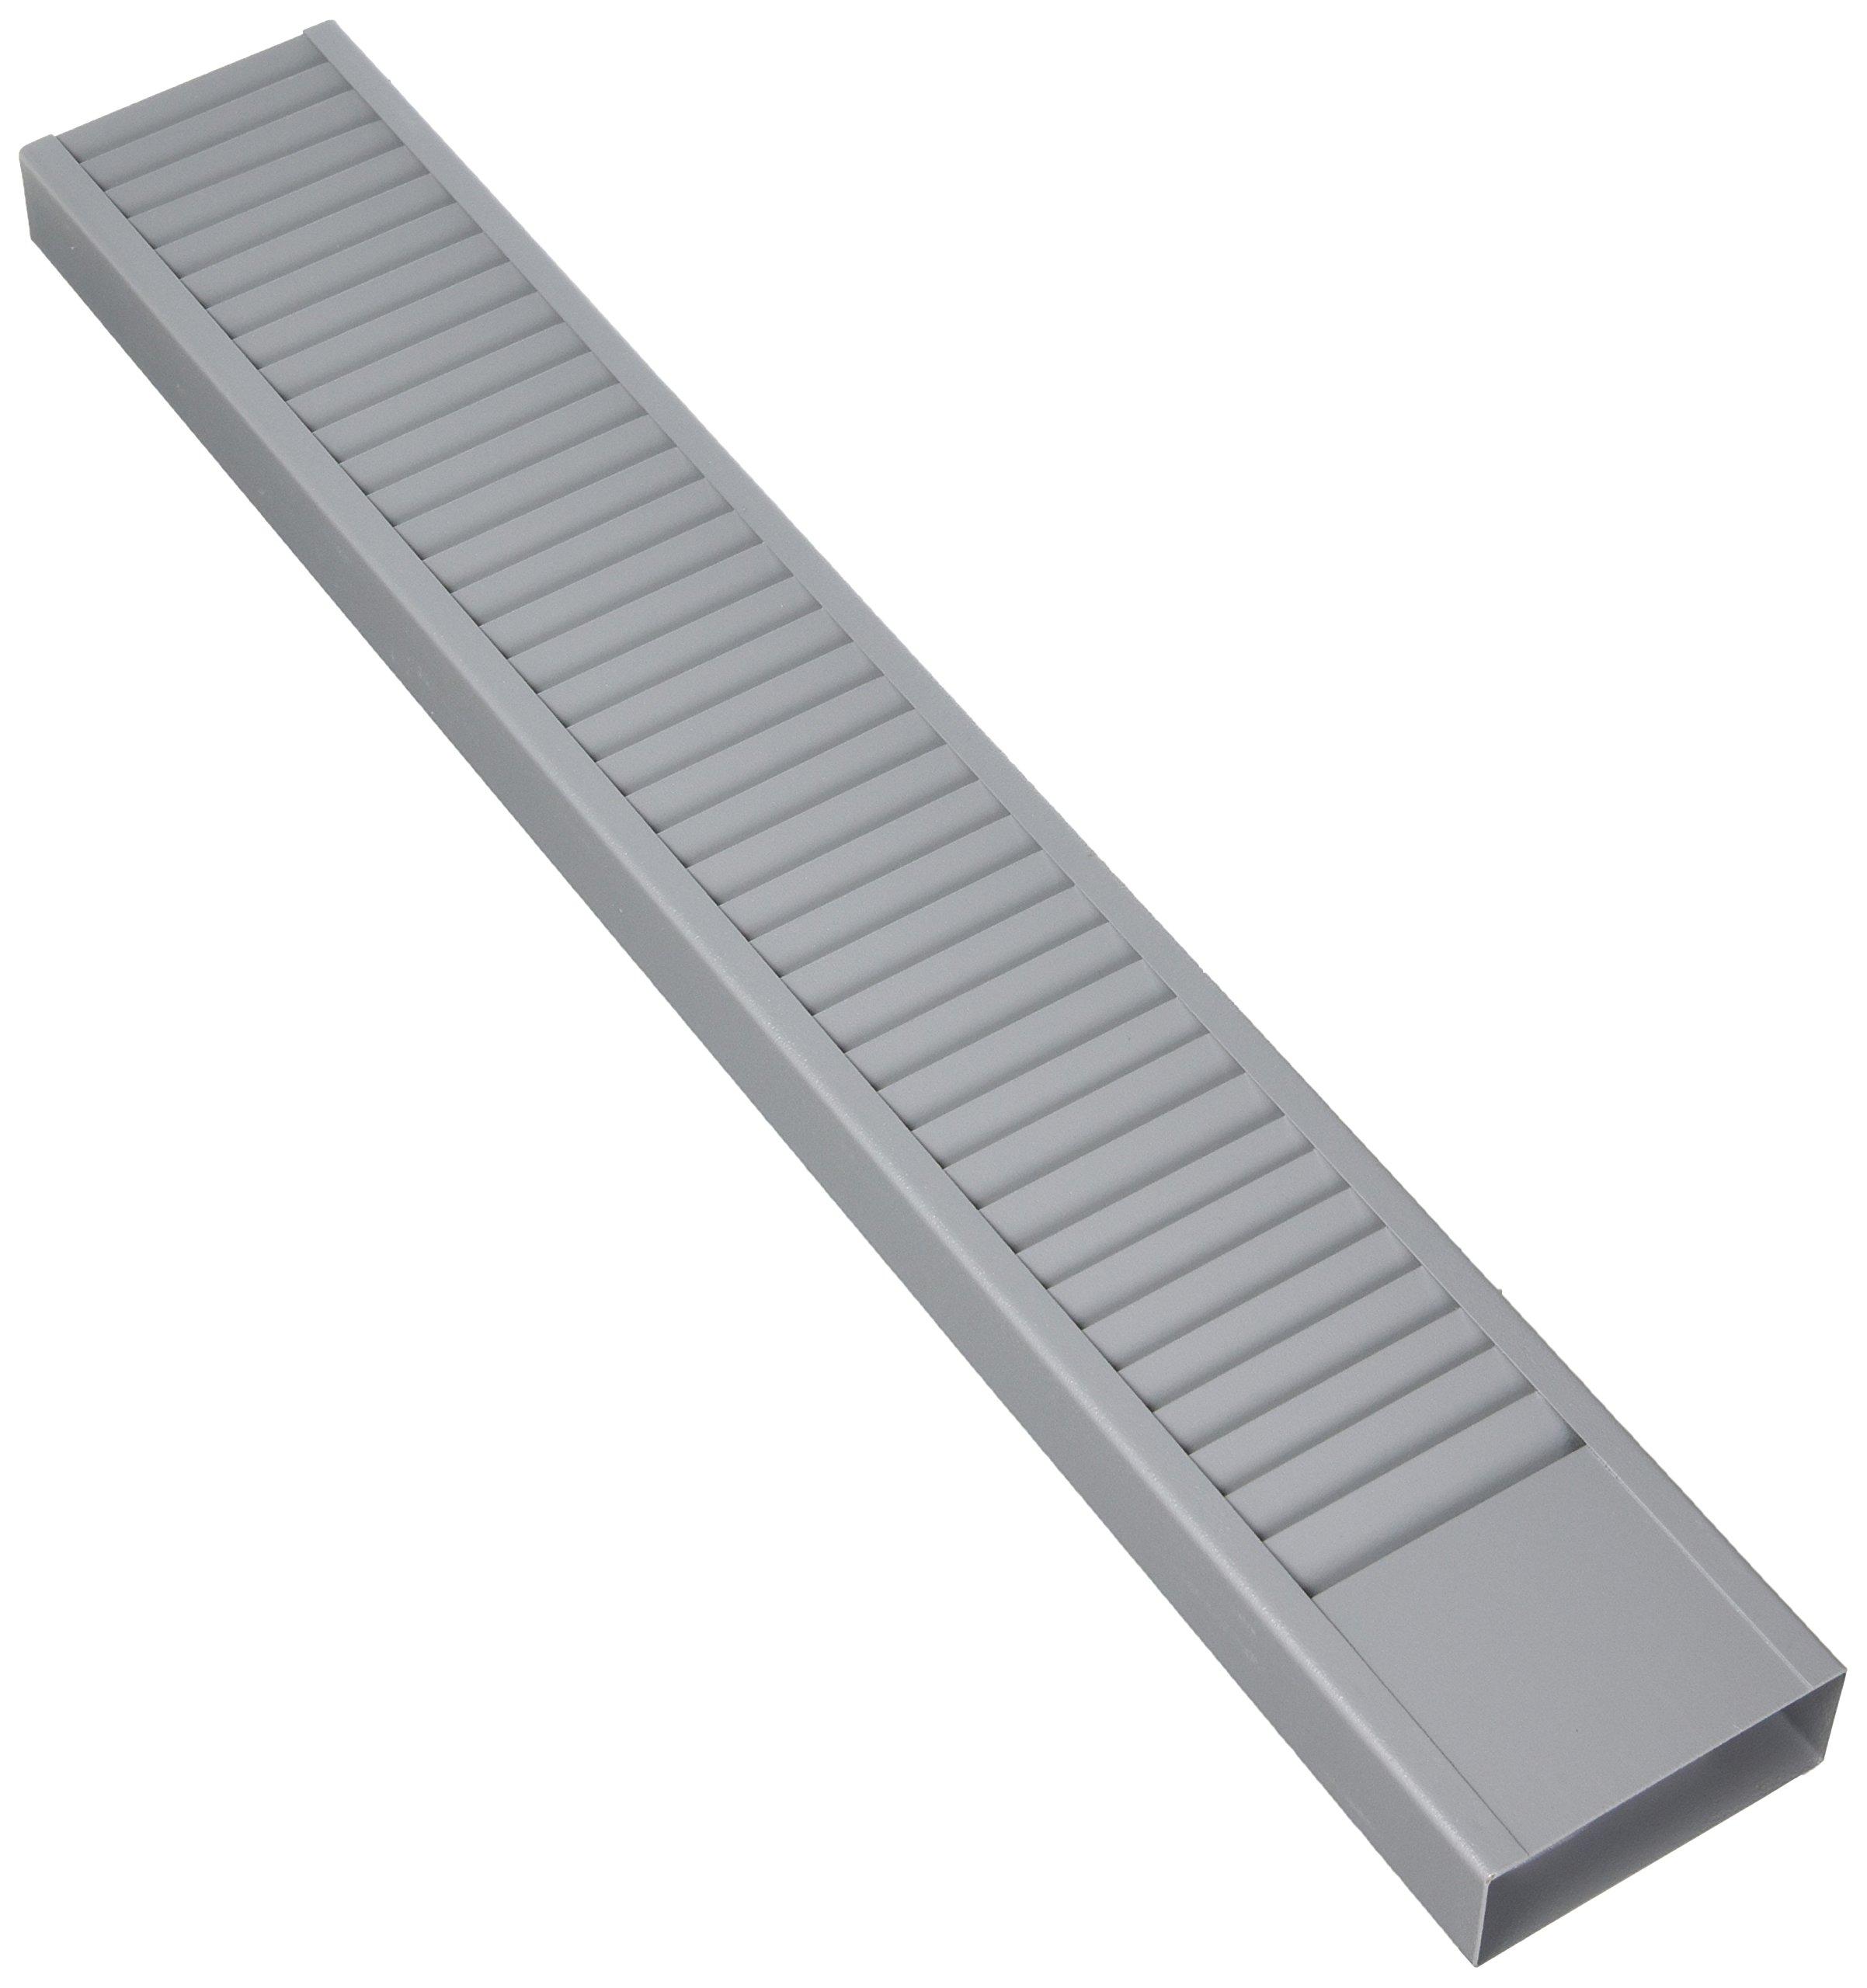 Steelmaster Vertical Swipe Card Rack, 1 Each (MMF20501)